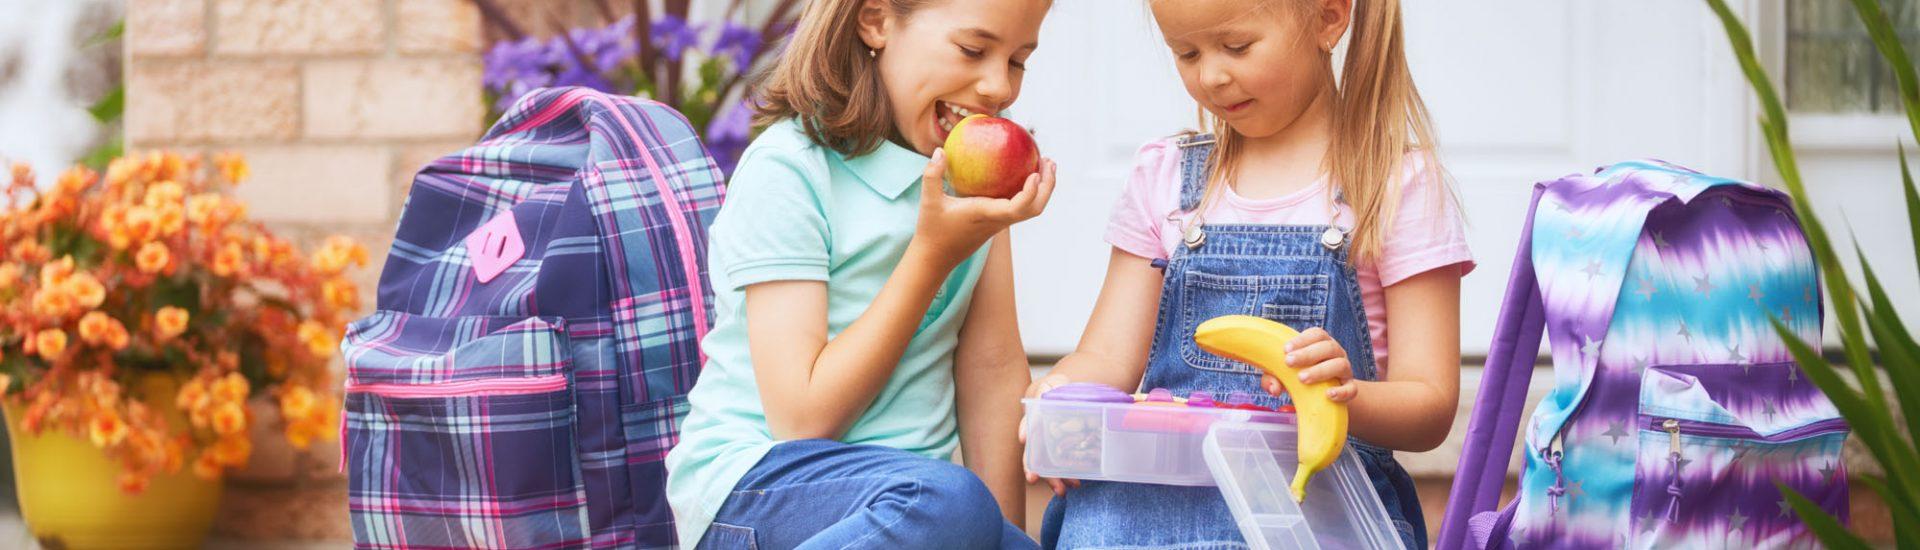 Schulranzen für zierliche und kleine Kinder